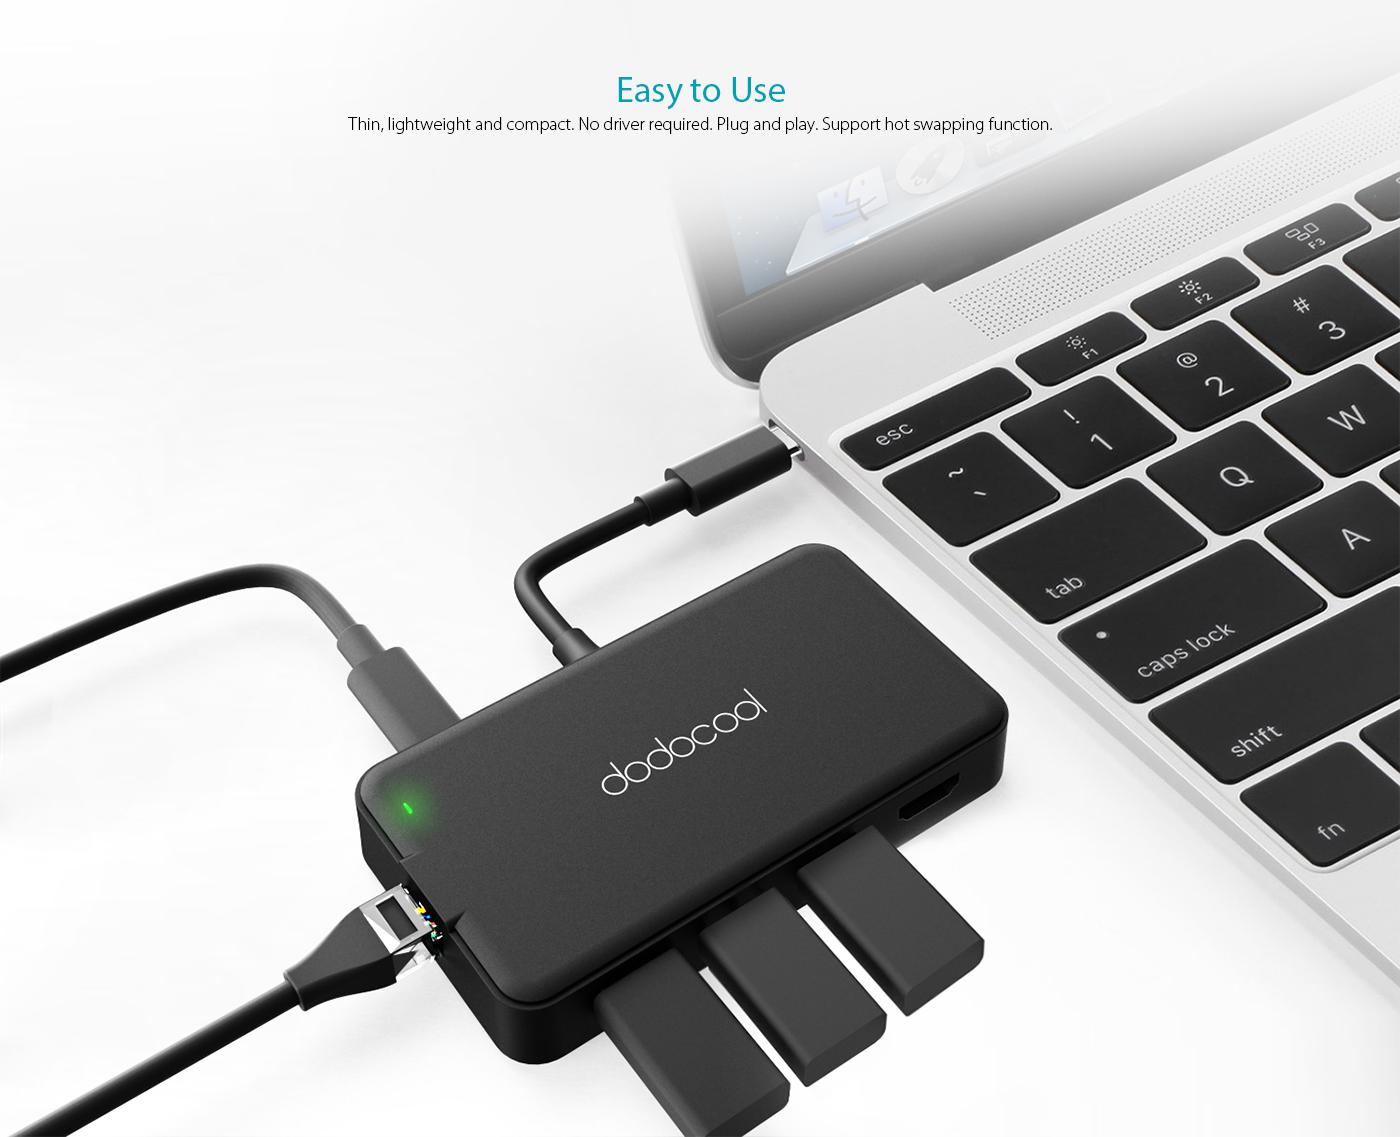 7-in-1 Multifunction USB-C Hub - dodocool com